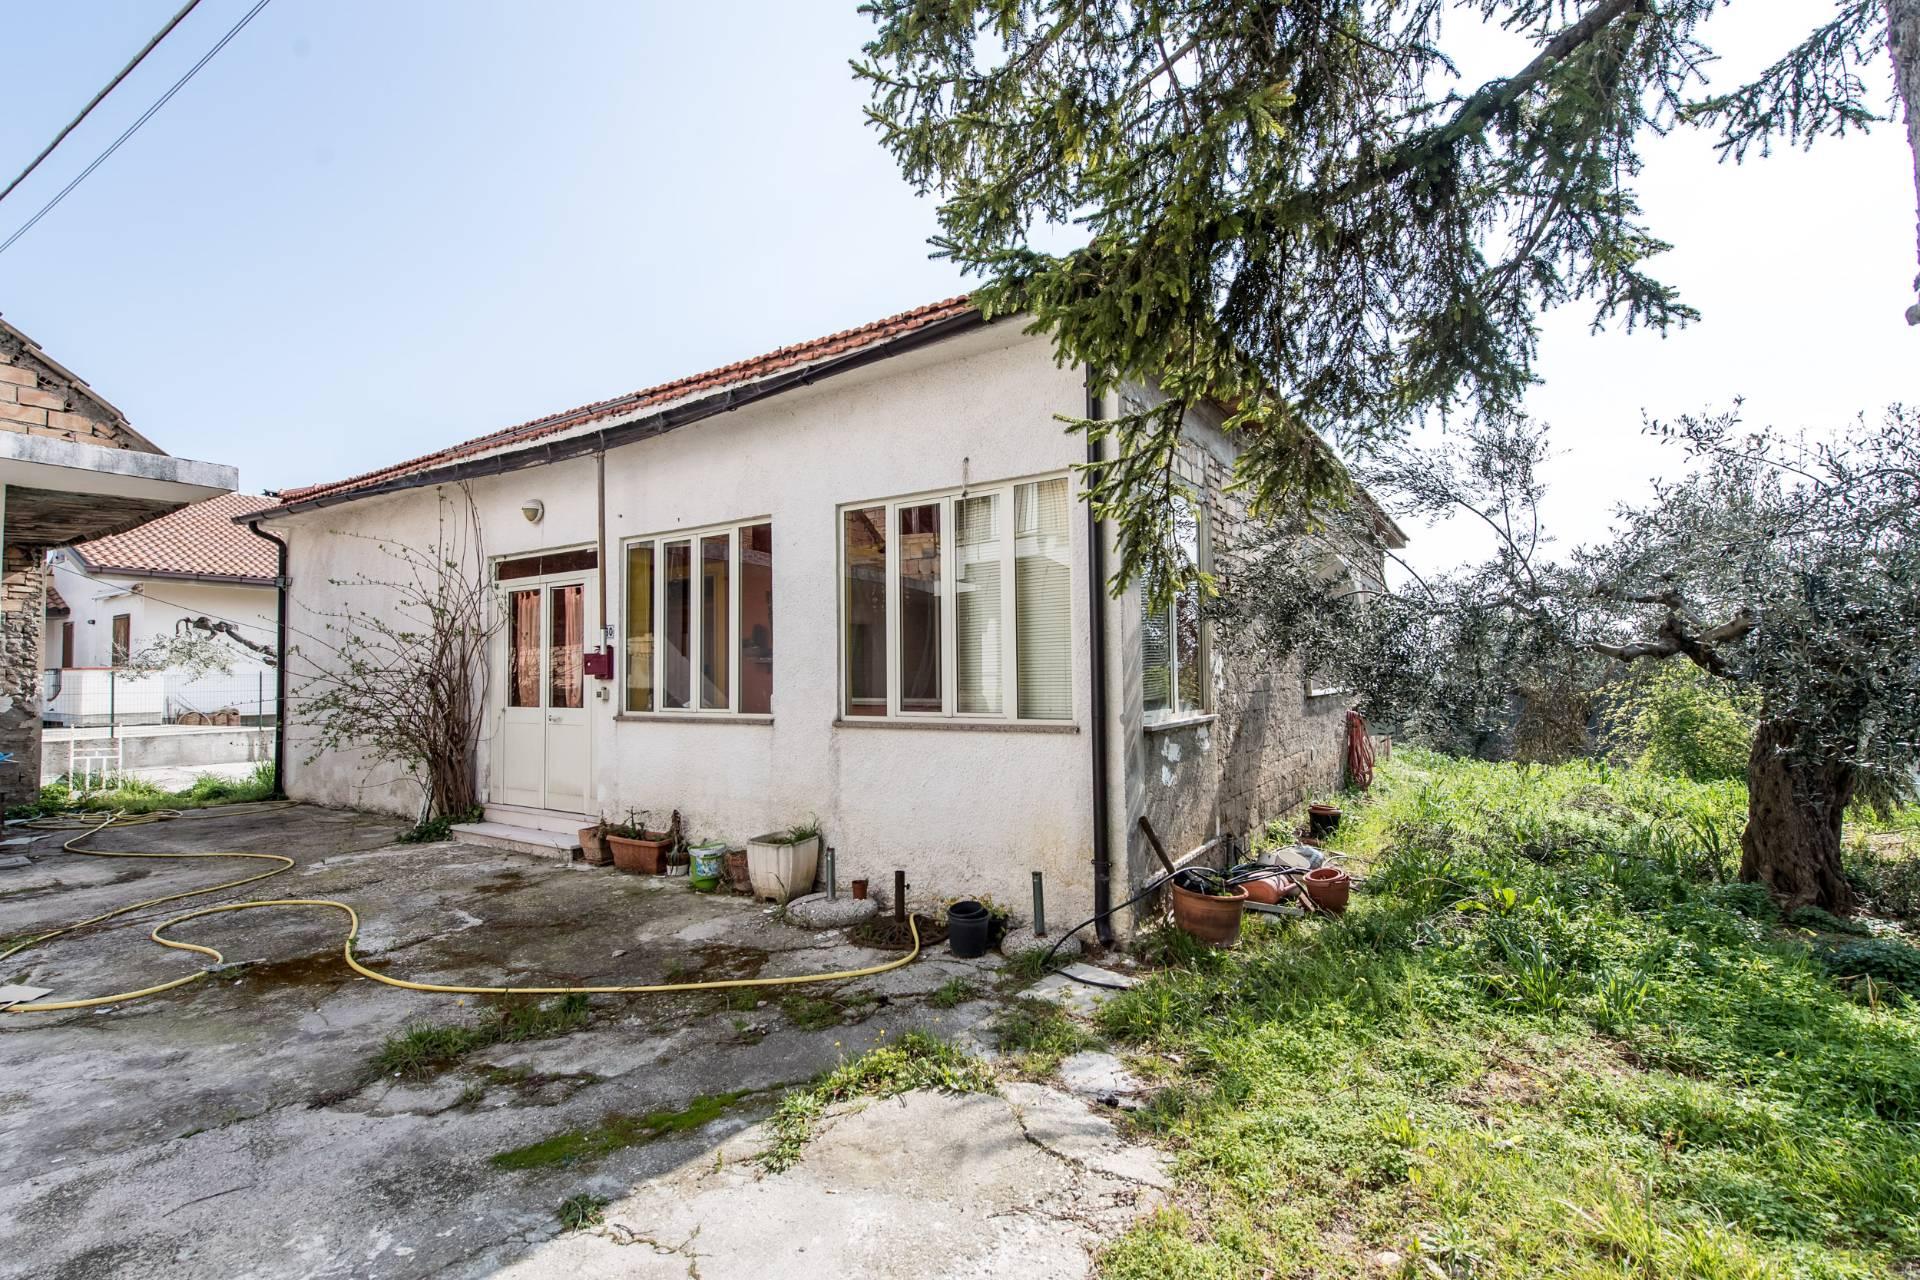 Soluzione Indipendente in vendita a Torrevecchia Teatina, 5 locali, prezzo € 112.000 | Cambio Casa.it